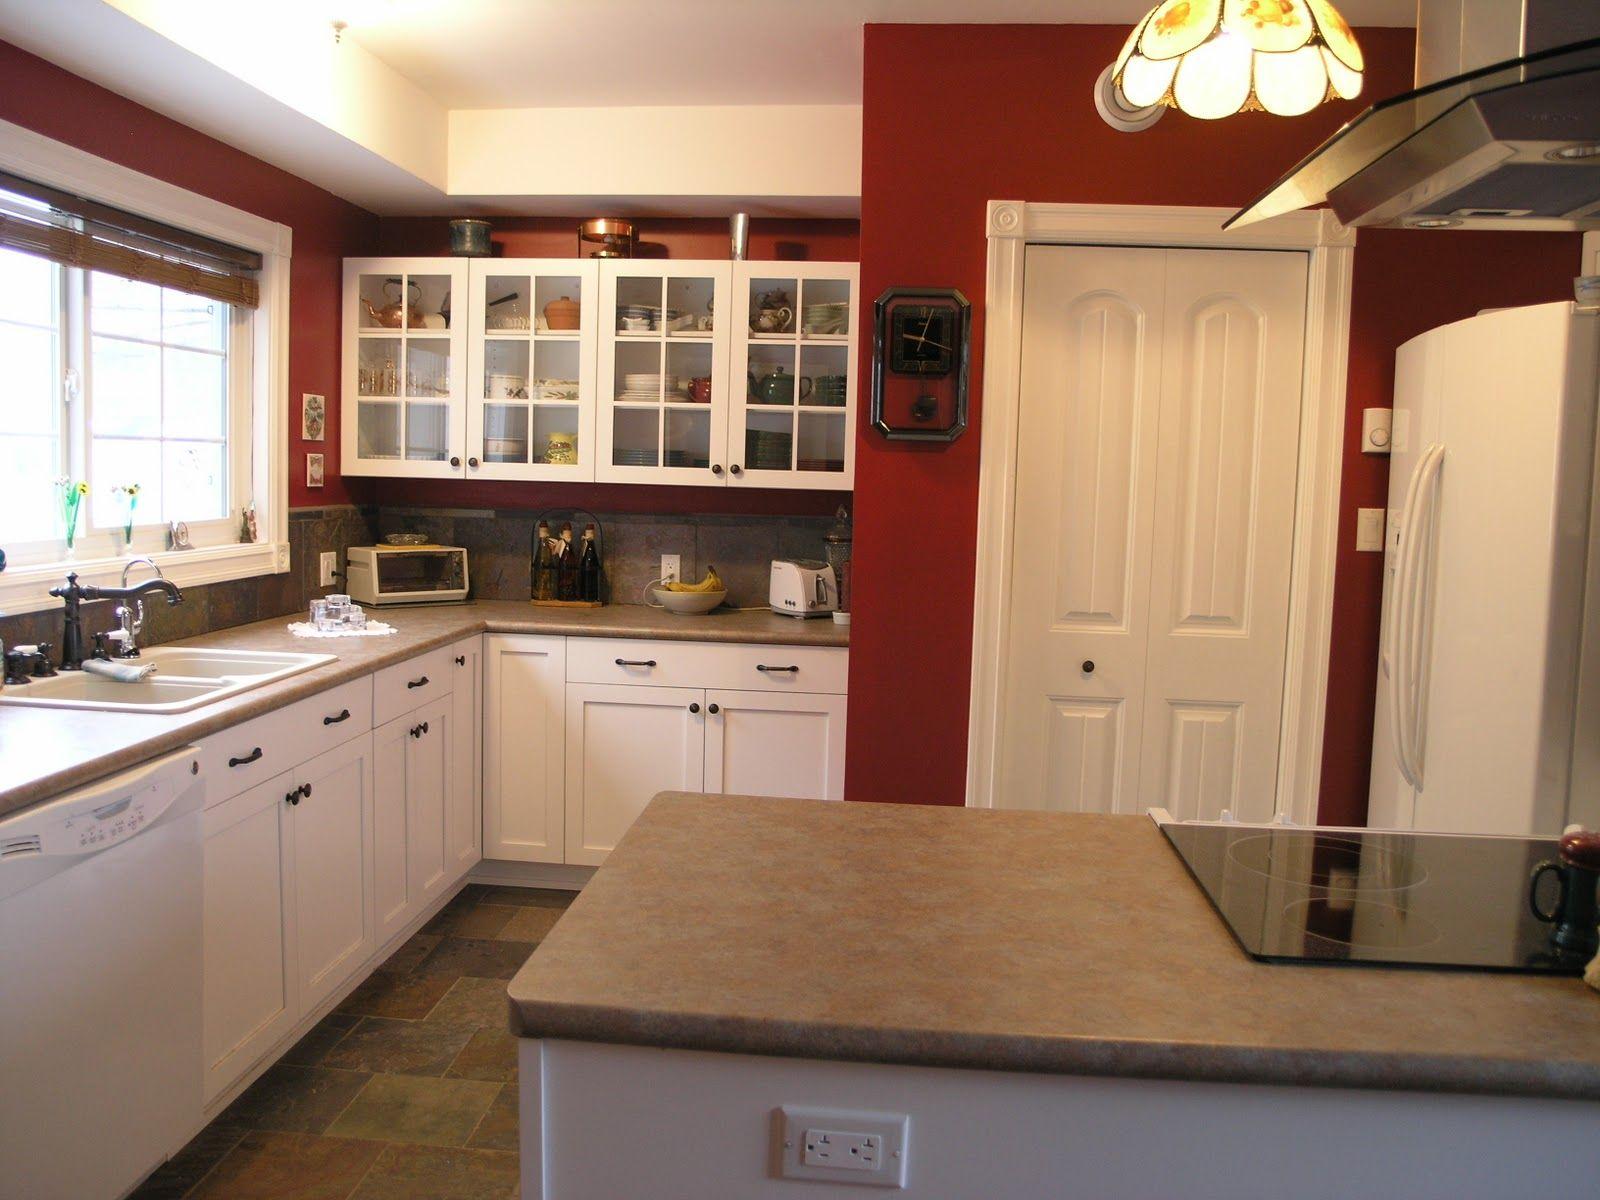 Kitchen Red Walls White Cabinets Google Search Rustic Kitchen Storage Kitchen Design Buy Kitchen Cabinets